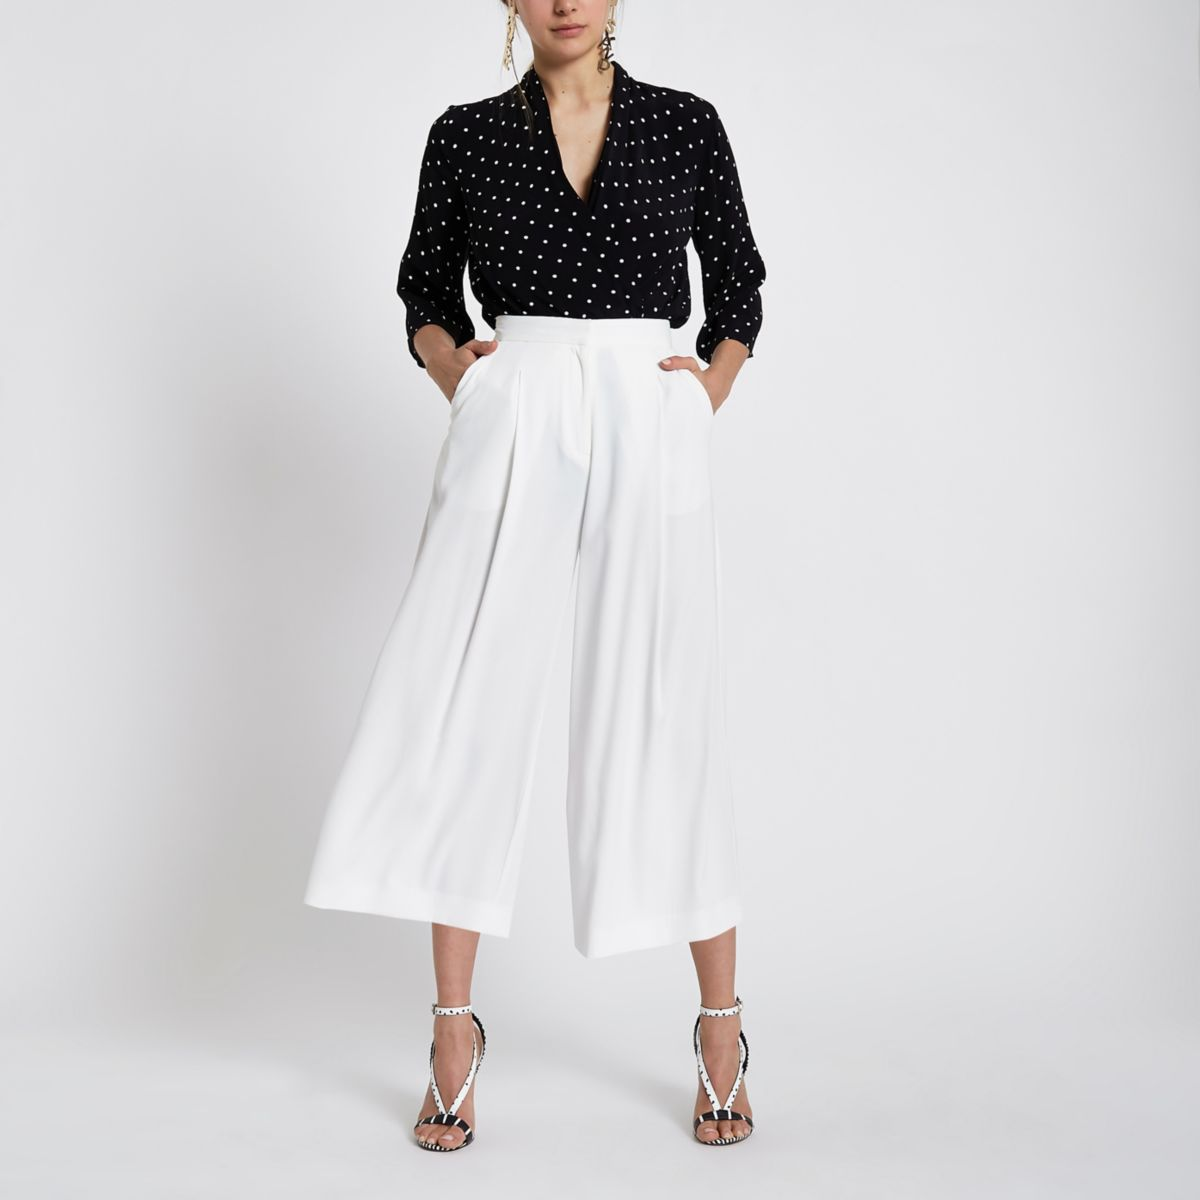 Black polka dot bodysuit top